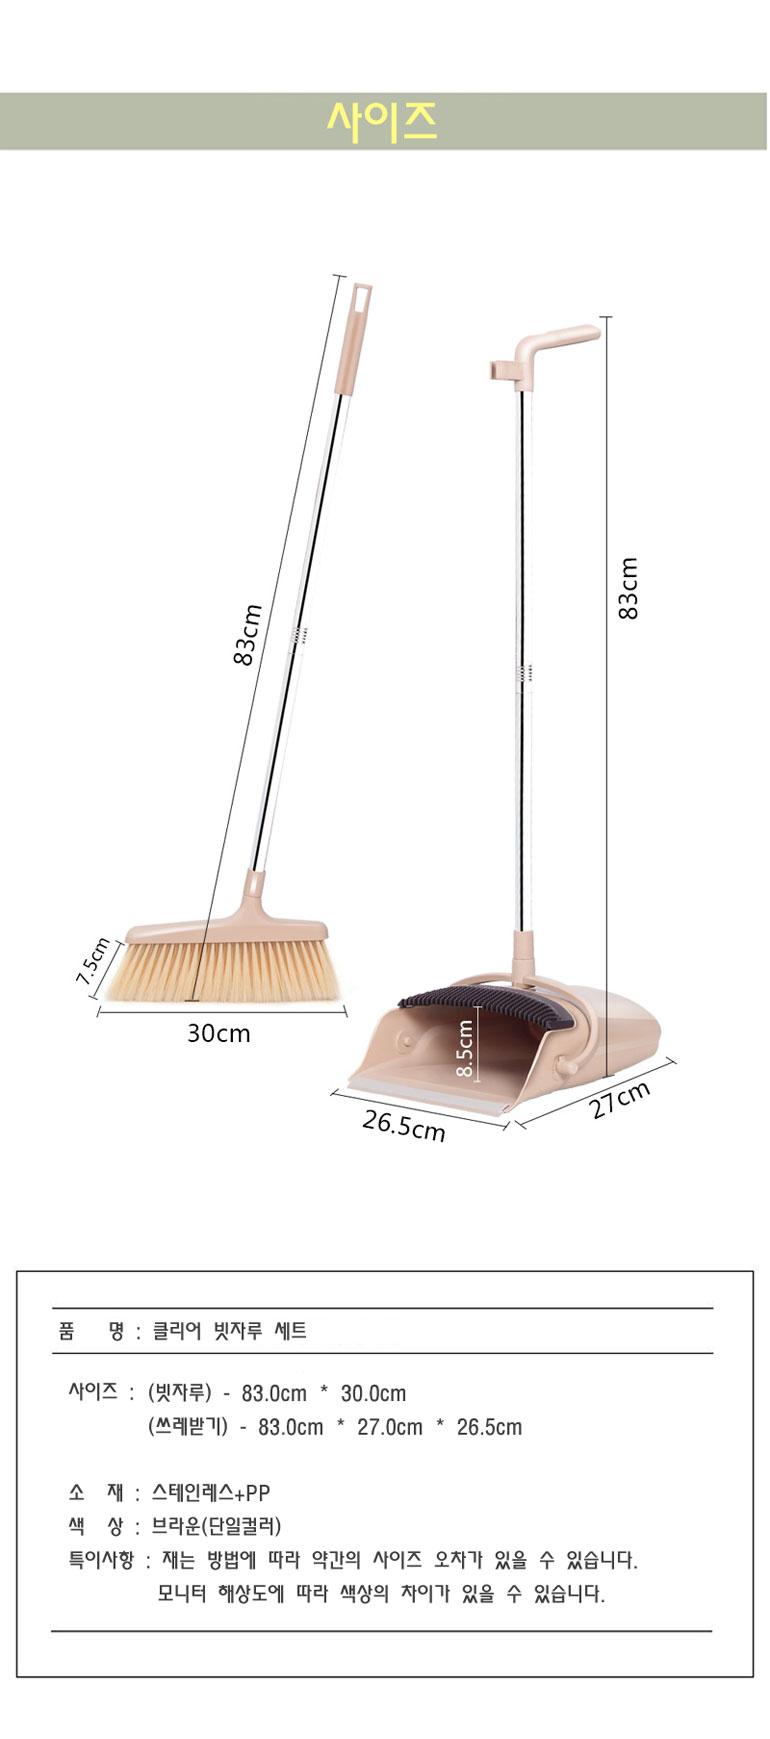 클리어 긴 빗자루 쓰레받기 빗자루세트 - 리빙디자이어9, 8,900원, 청소도구, 빗자루/쓰레받기